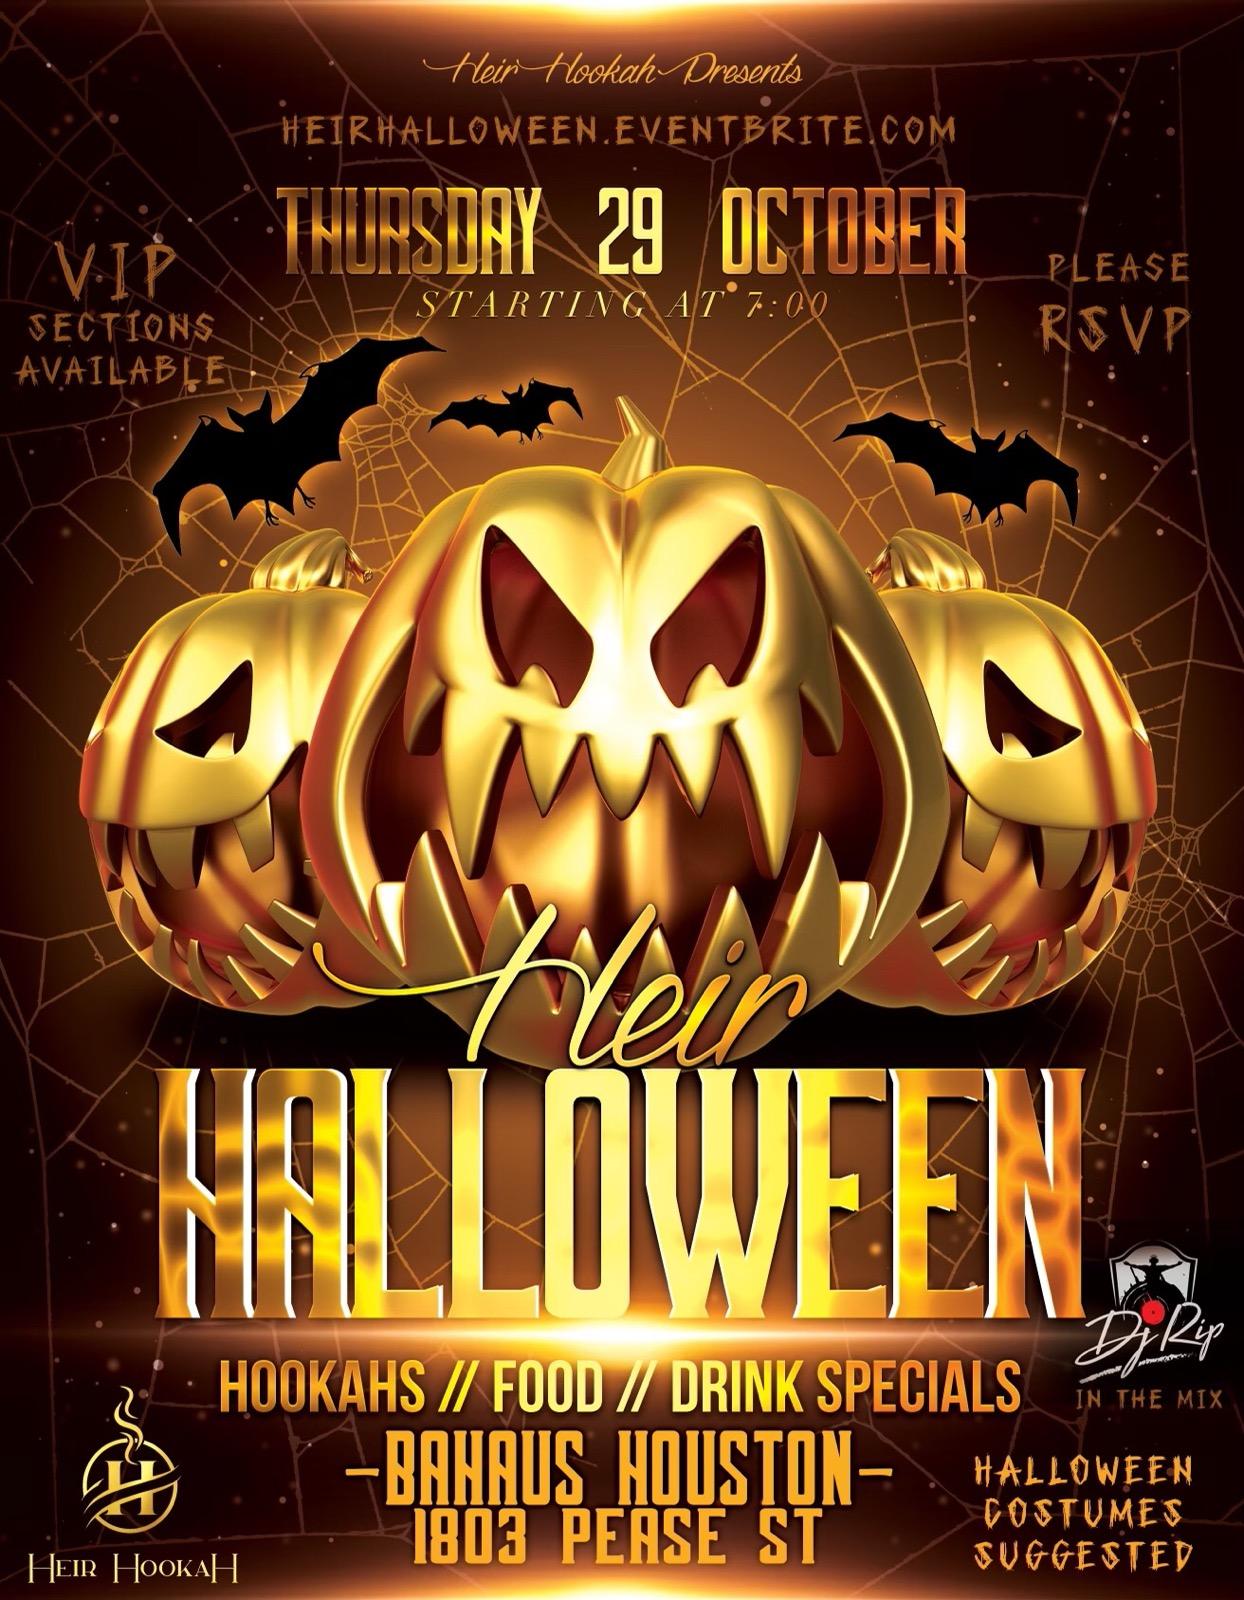 Heir Hookah Halloween Thursday